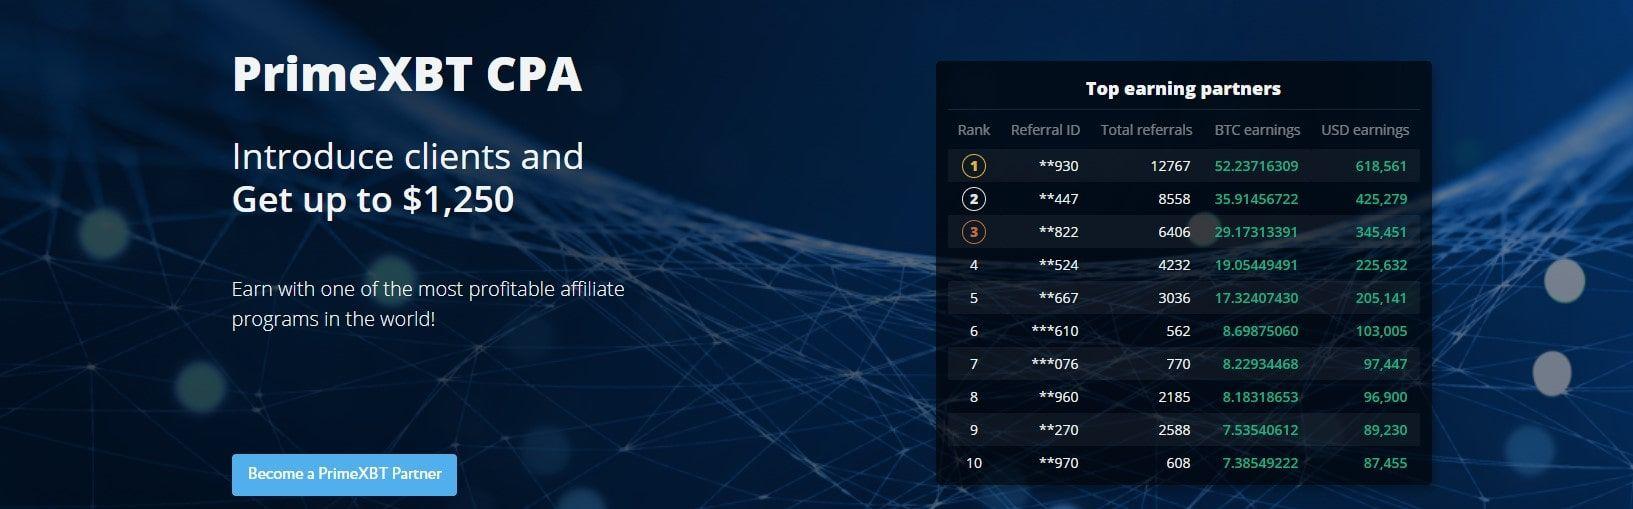 Analisis de PrimeXBT - Plataforma de Trading - programa de afiliados - 3